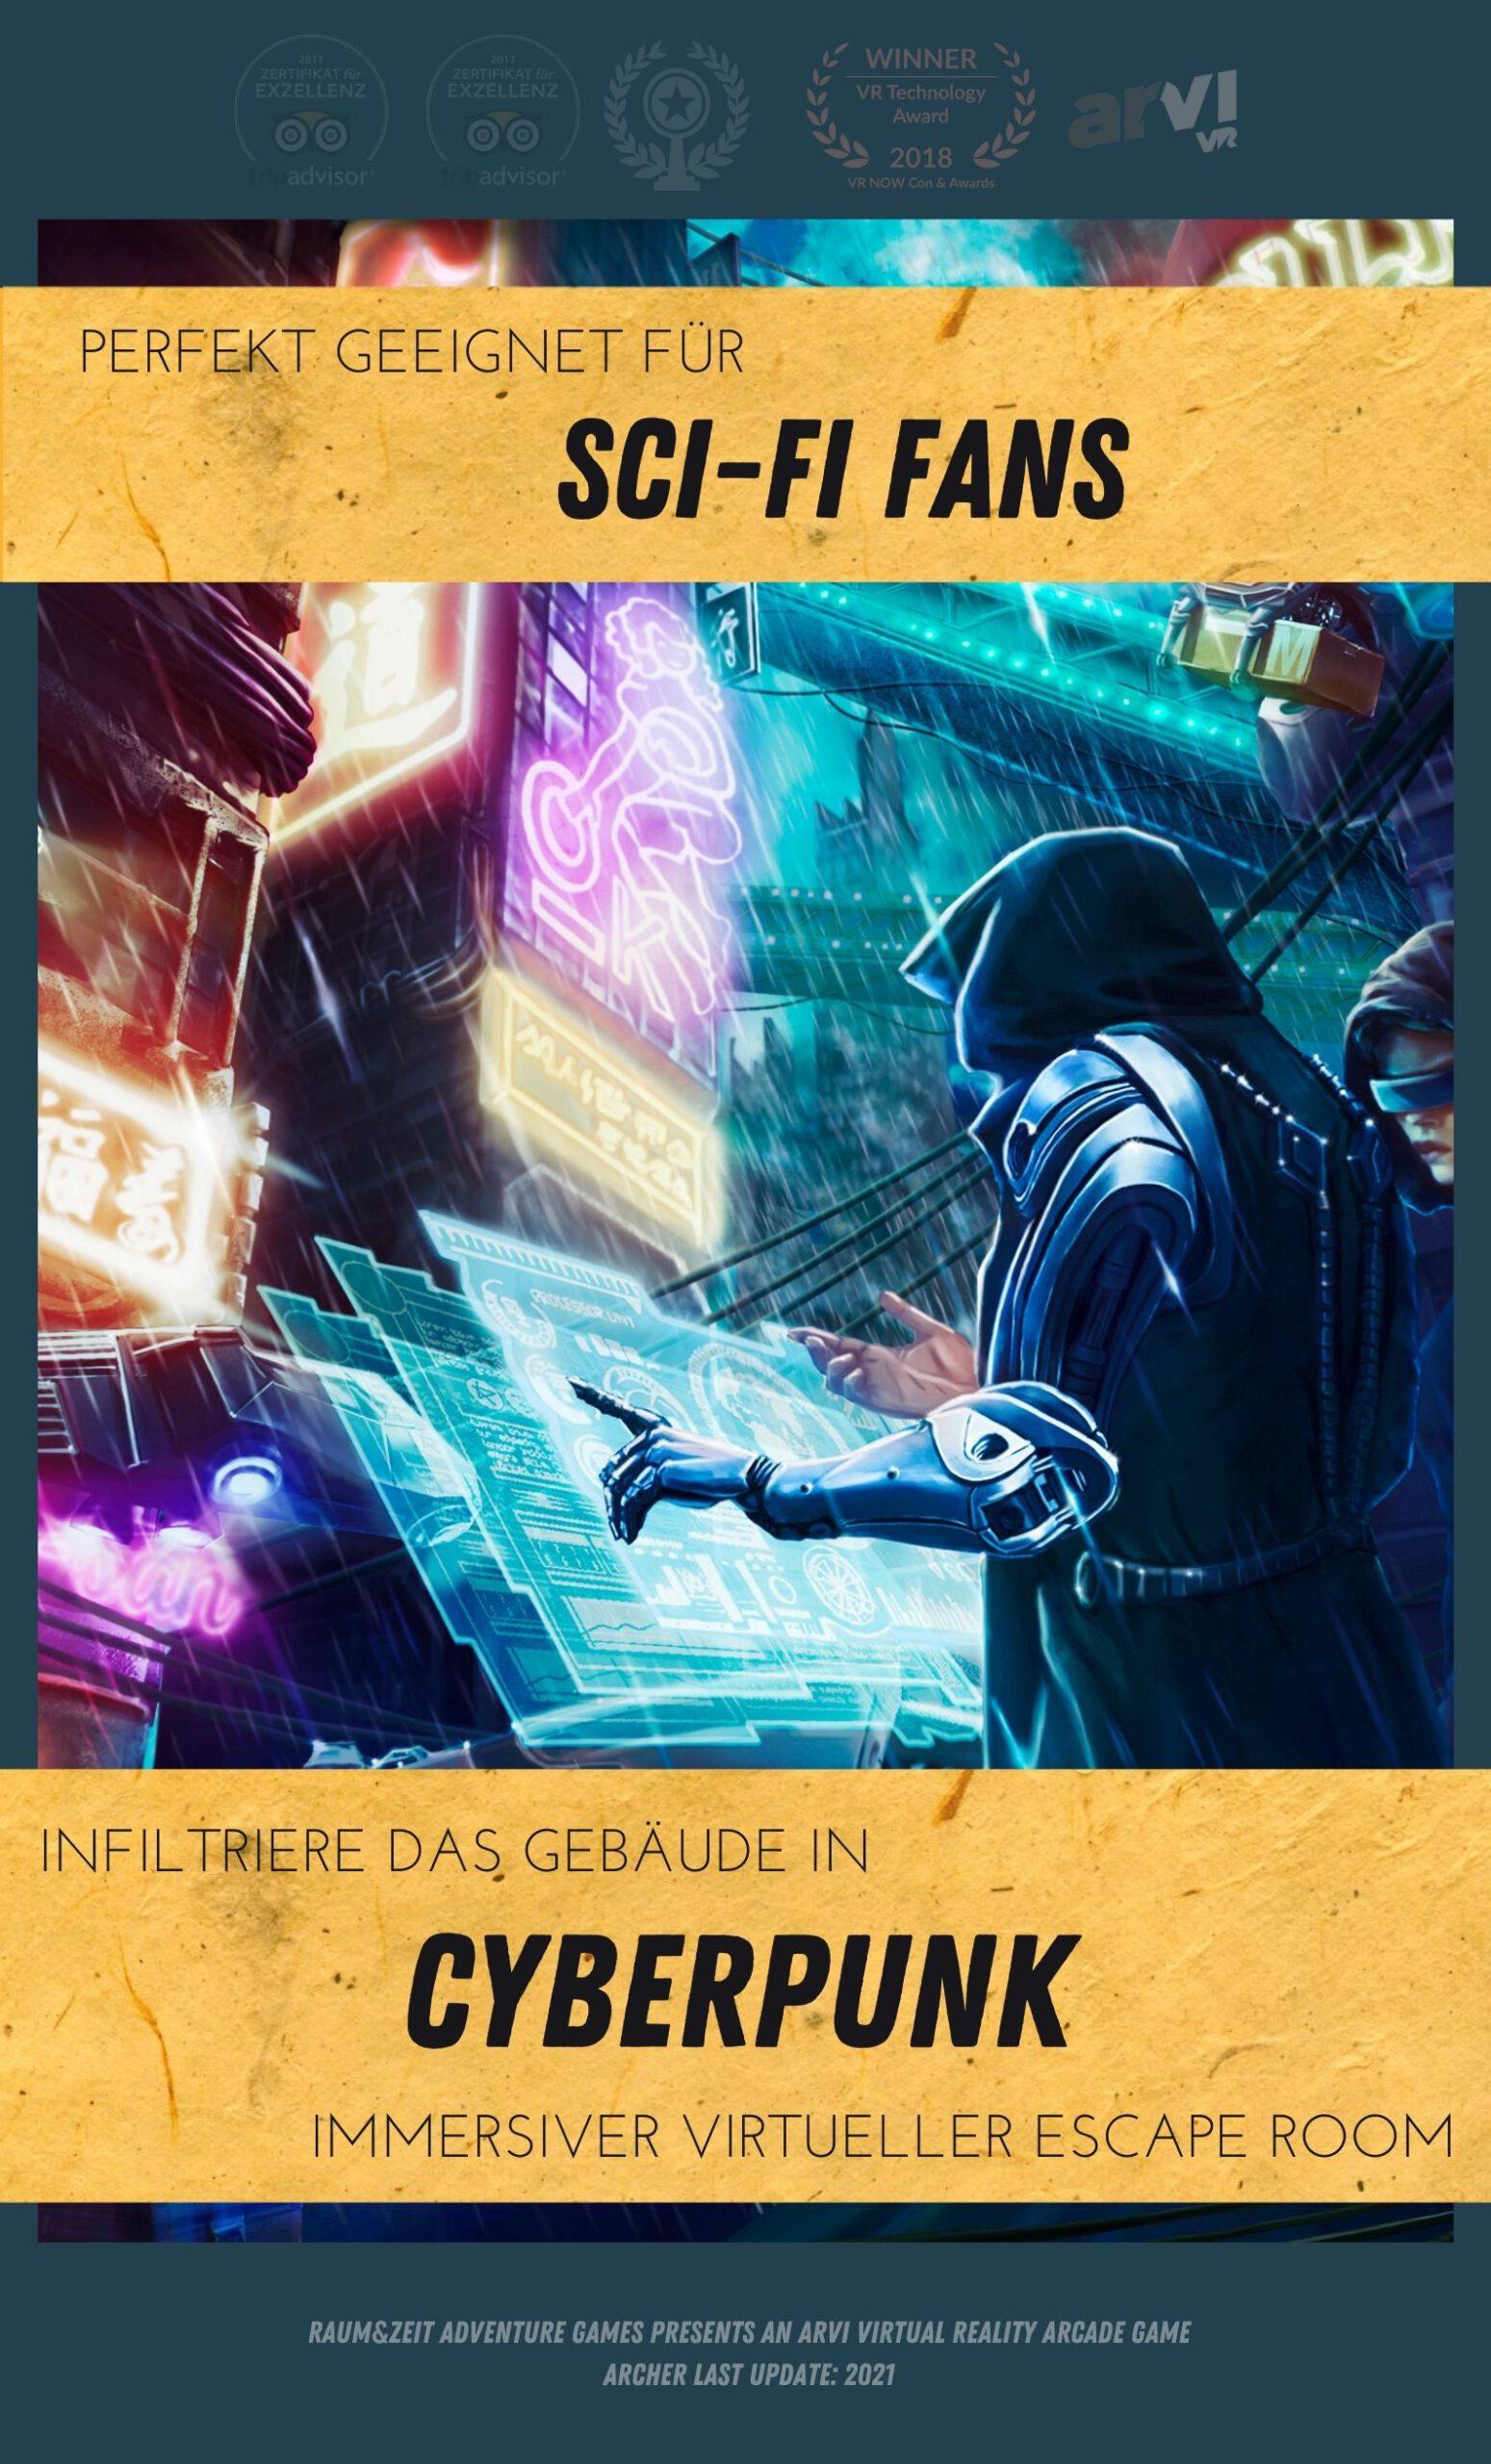 Cyberpunk-scaled.jpg